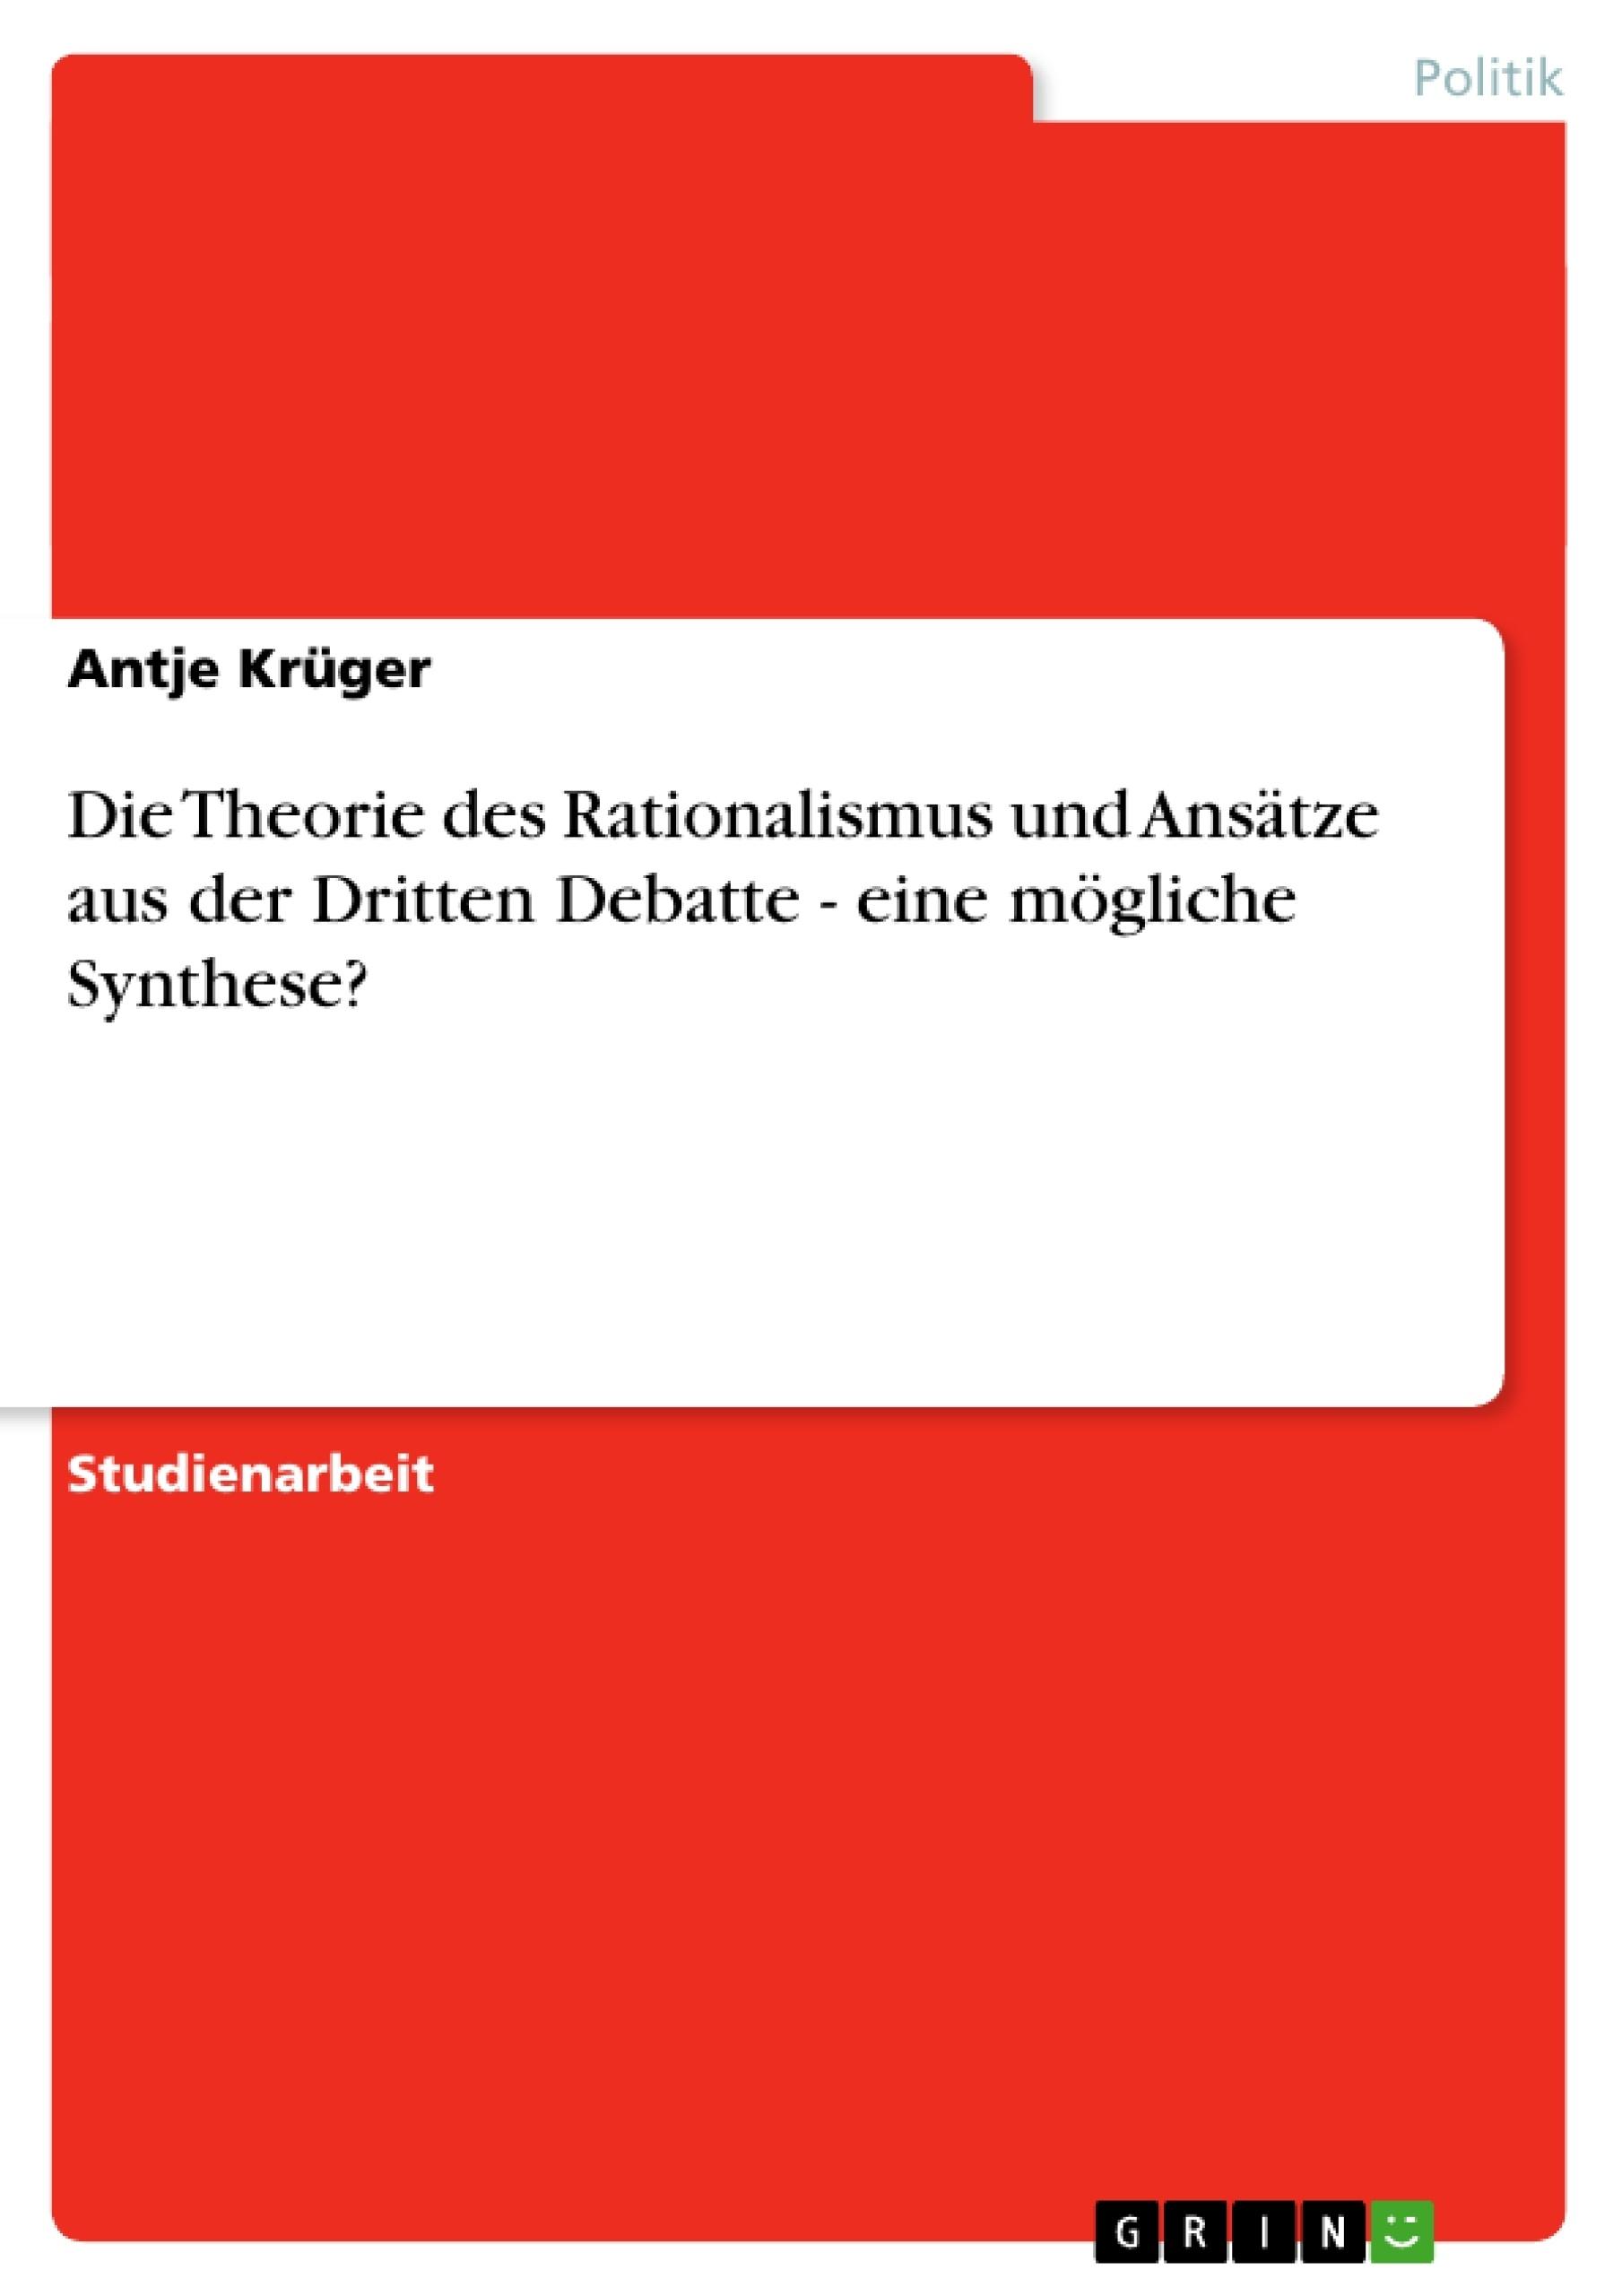 Titel: Die Theorie des Rationalismus und Ansätze aus der Dritten Debatte - eine mögliche Synthese?